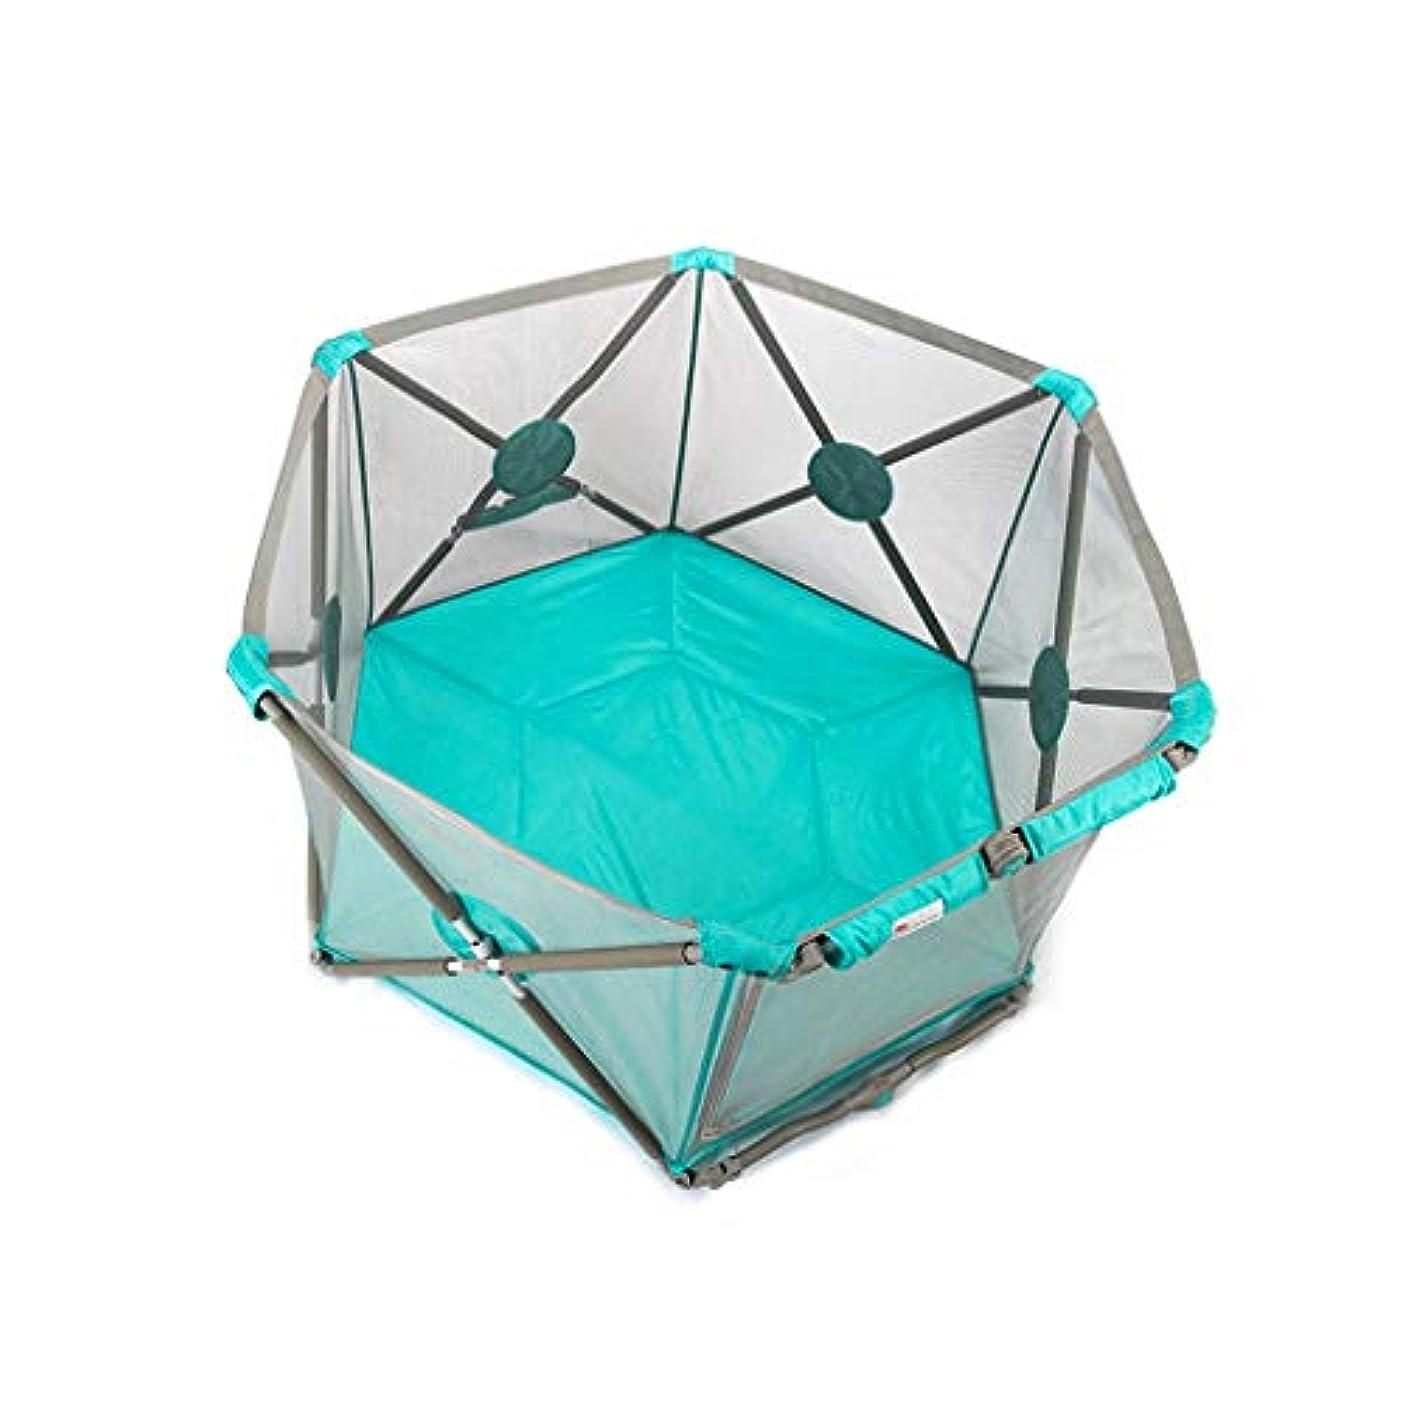 全能実行する表向き育児 ベビーゲート 赤ん坊の塀の安全ベビーサークルボールピットのプール、通気性の網が付いている安全で容易な折り畳み式の自由な設置ベビーサークル ベビーフェンス (Color : A)